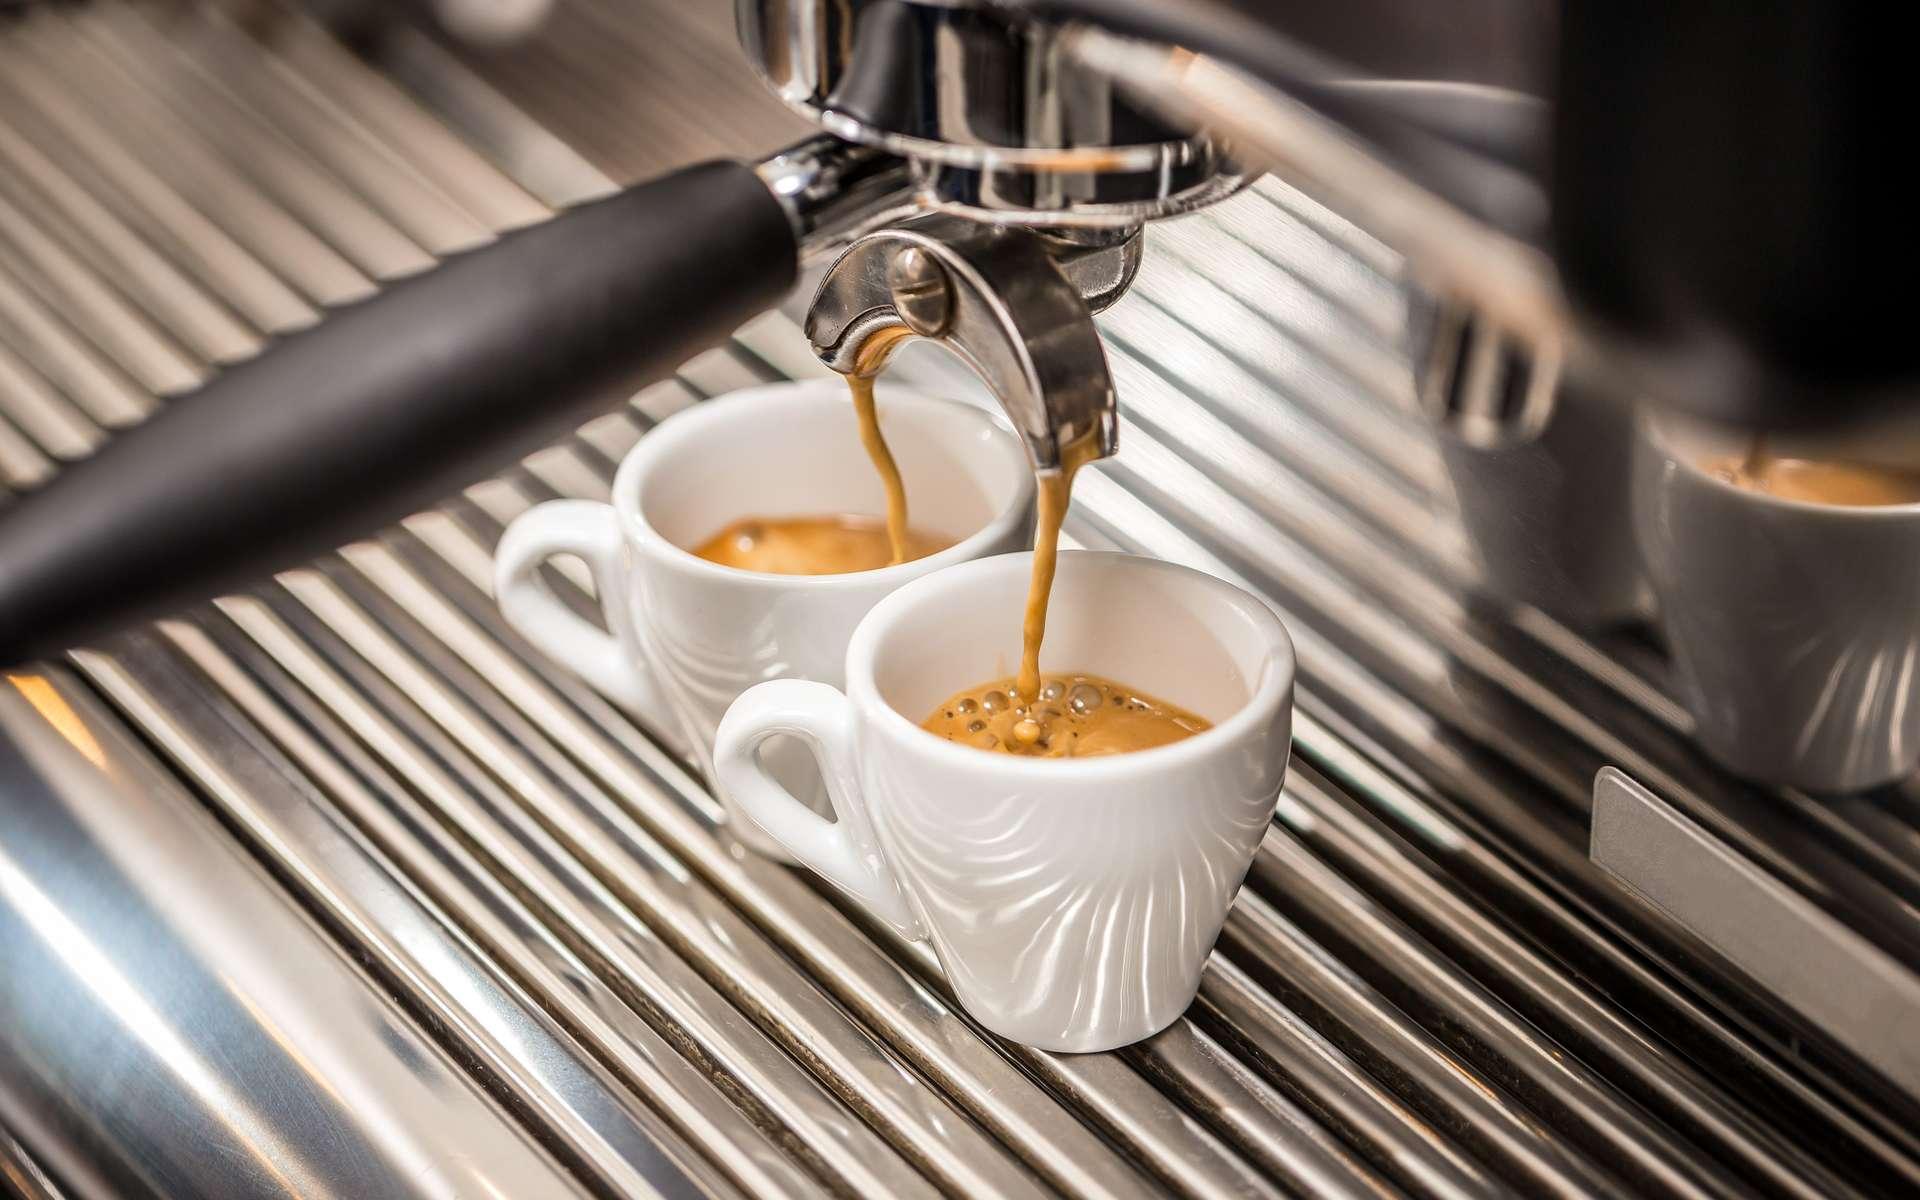 Les maths donnent la recette d'un meilleur café plus durable